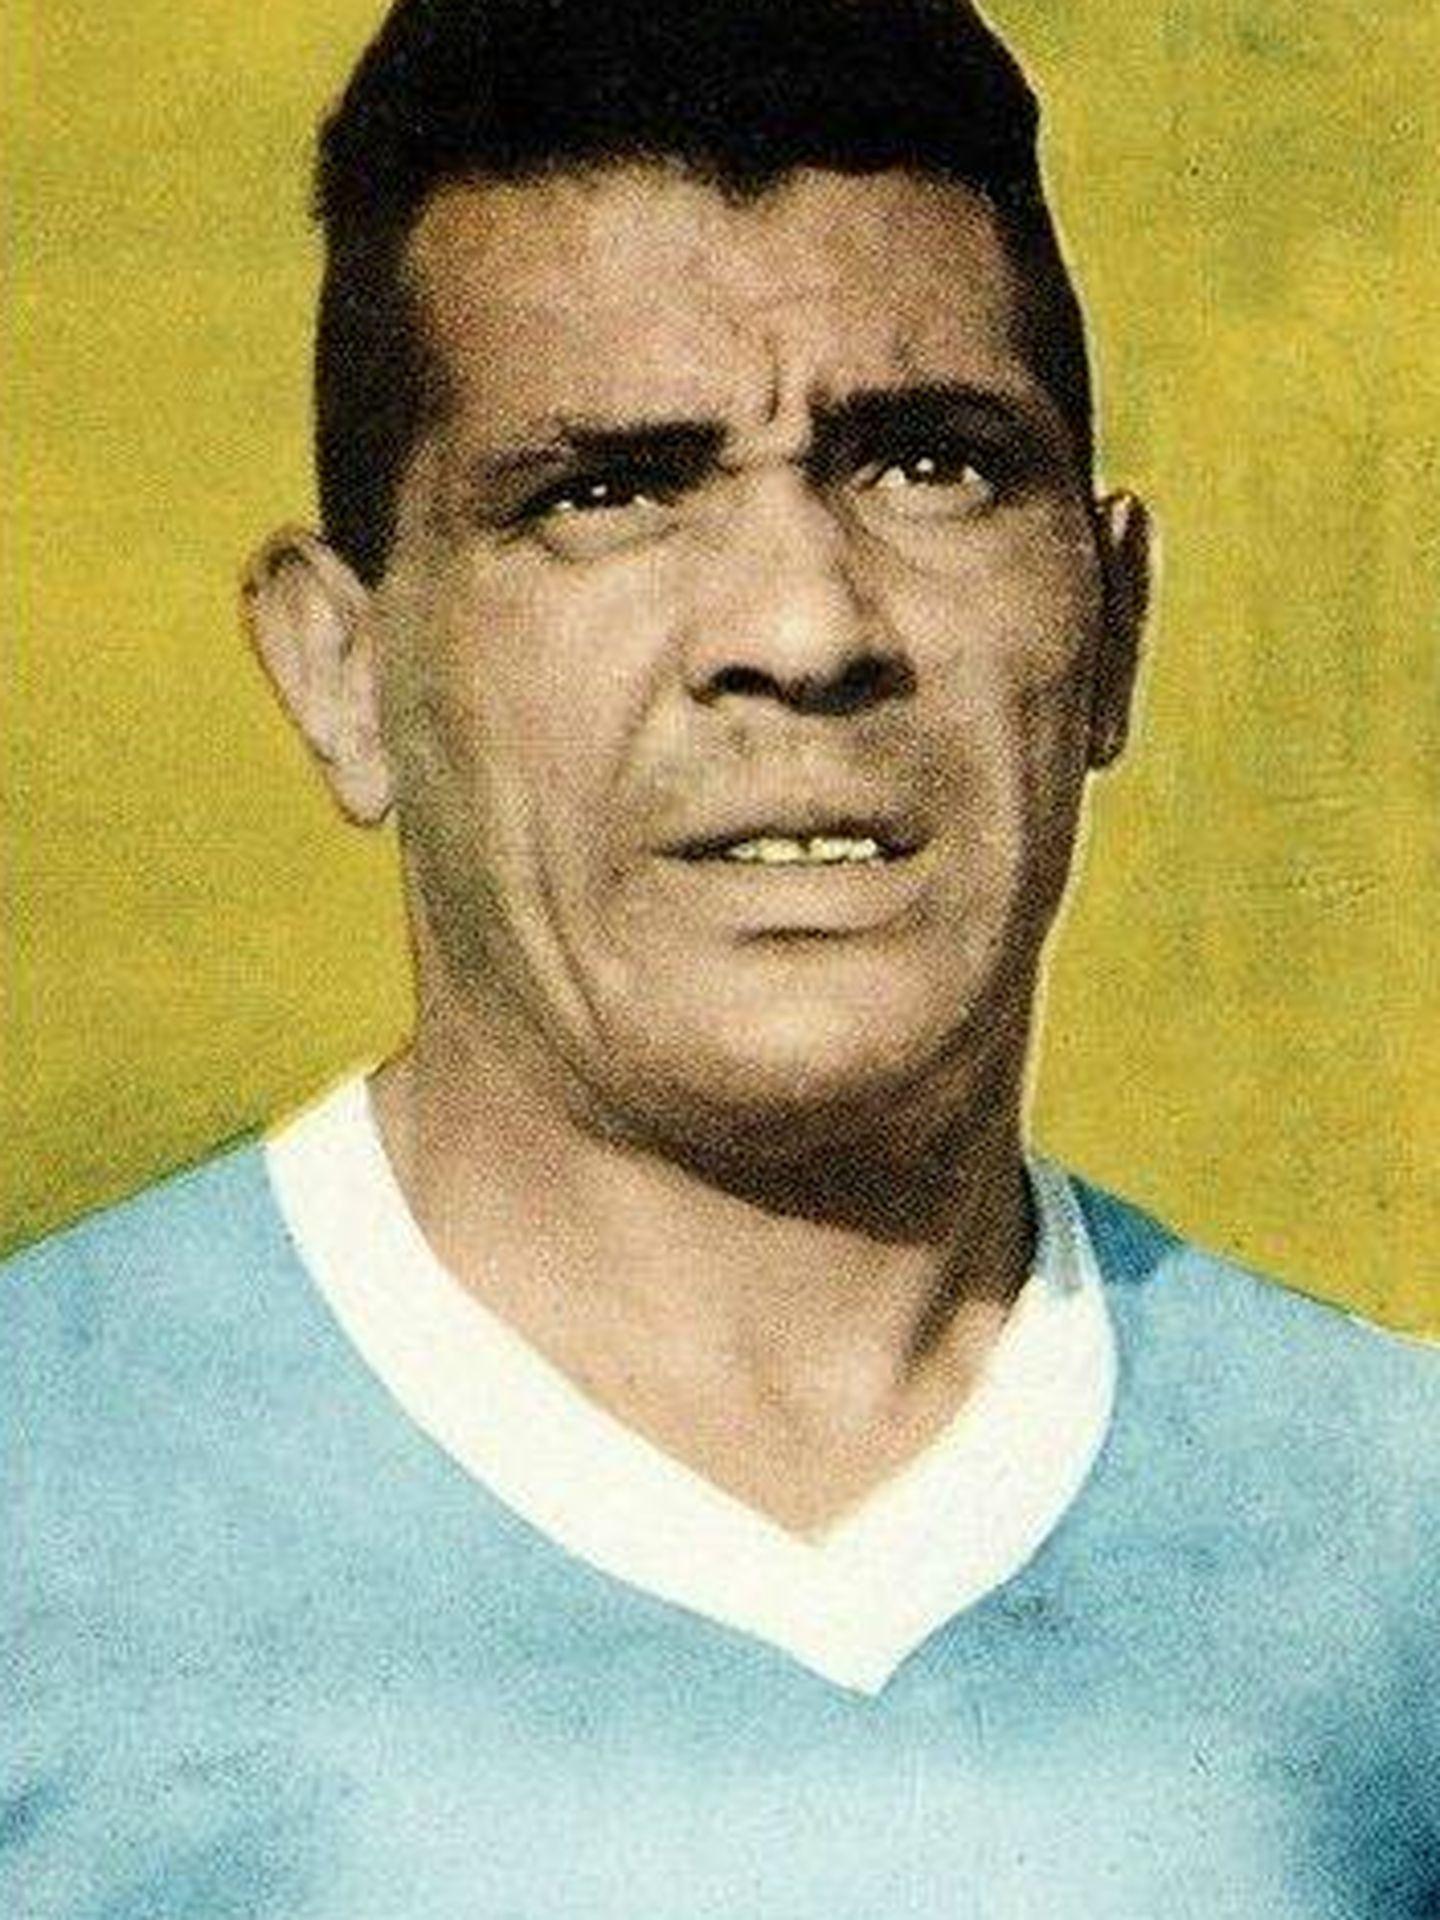 Obdulio Varela, 'el Negro Jefe'.